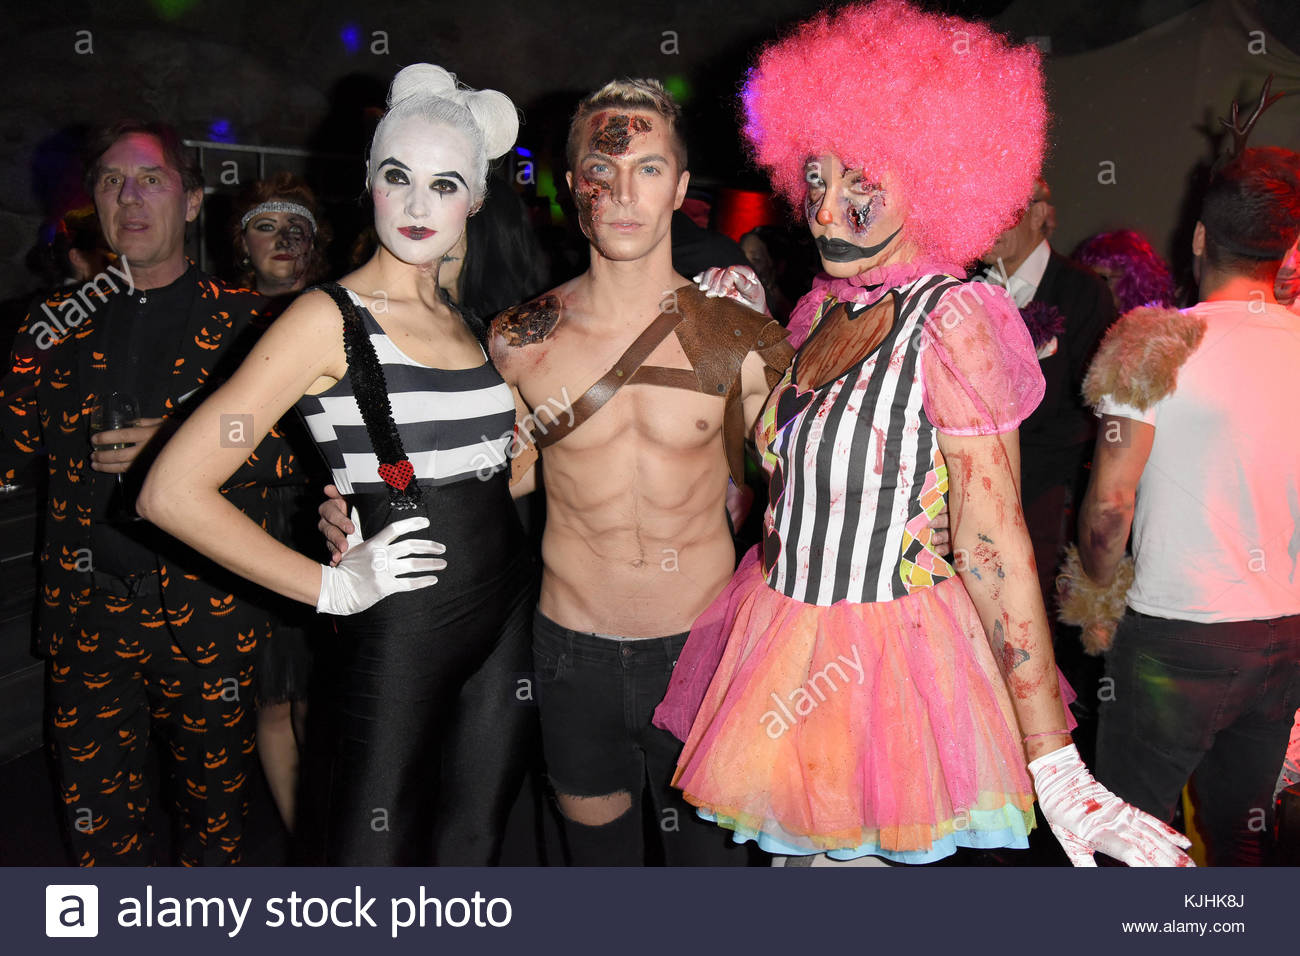 Halloween Party hosted by Natascha Ochsenknecht at Berlin Dungeon.  Featuring: Anna Hofbauer, Julian David, Natascha - Stock Image